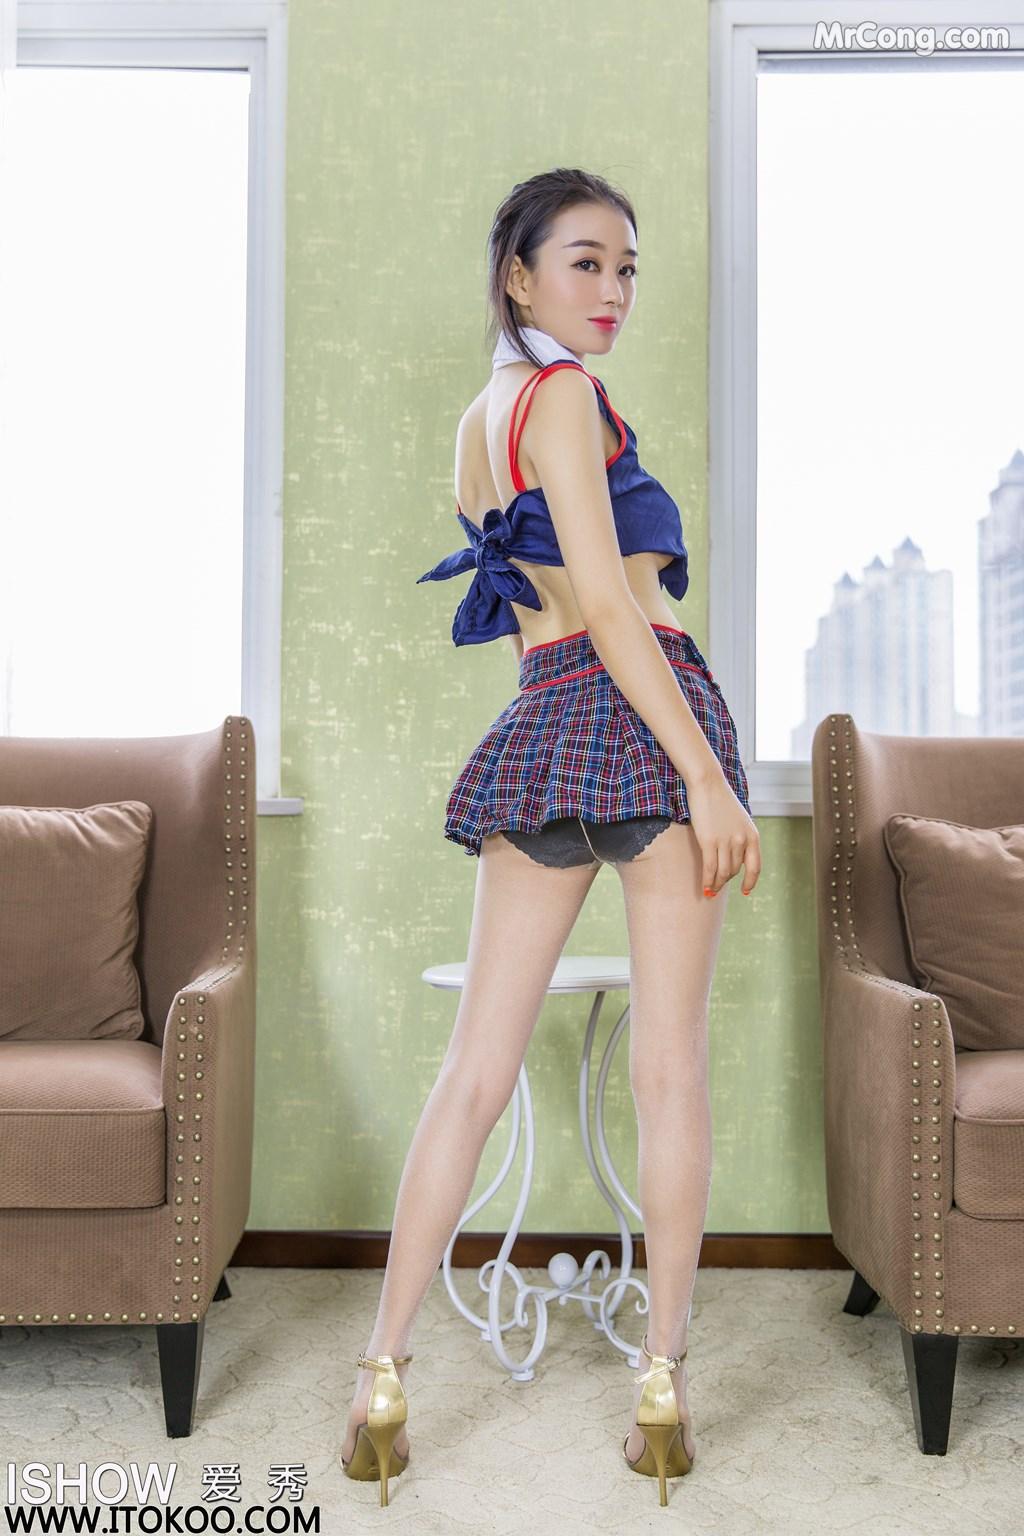 Image ISHOW-No.180-Xiao-Fan-MrCong.com-002 in post ISHOW No.180: Người mẫu Xiao Fan (小凡) (31 ảnh)